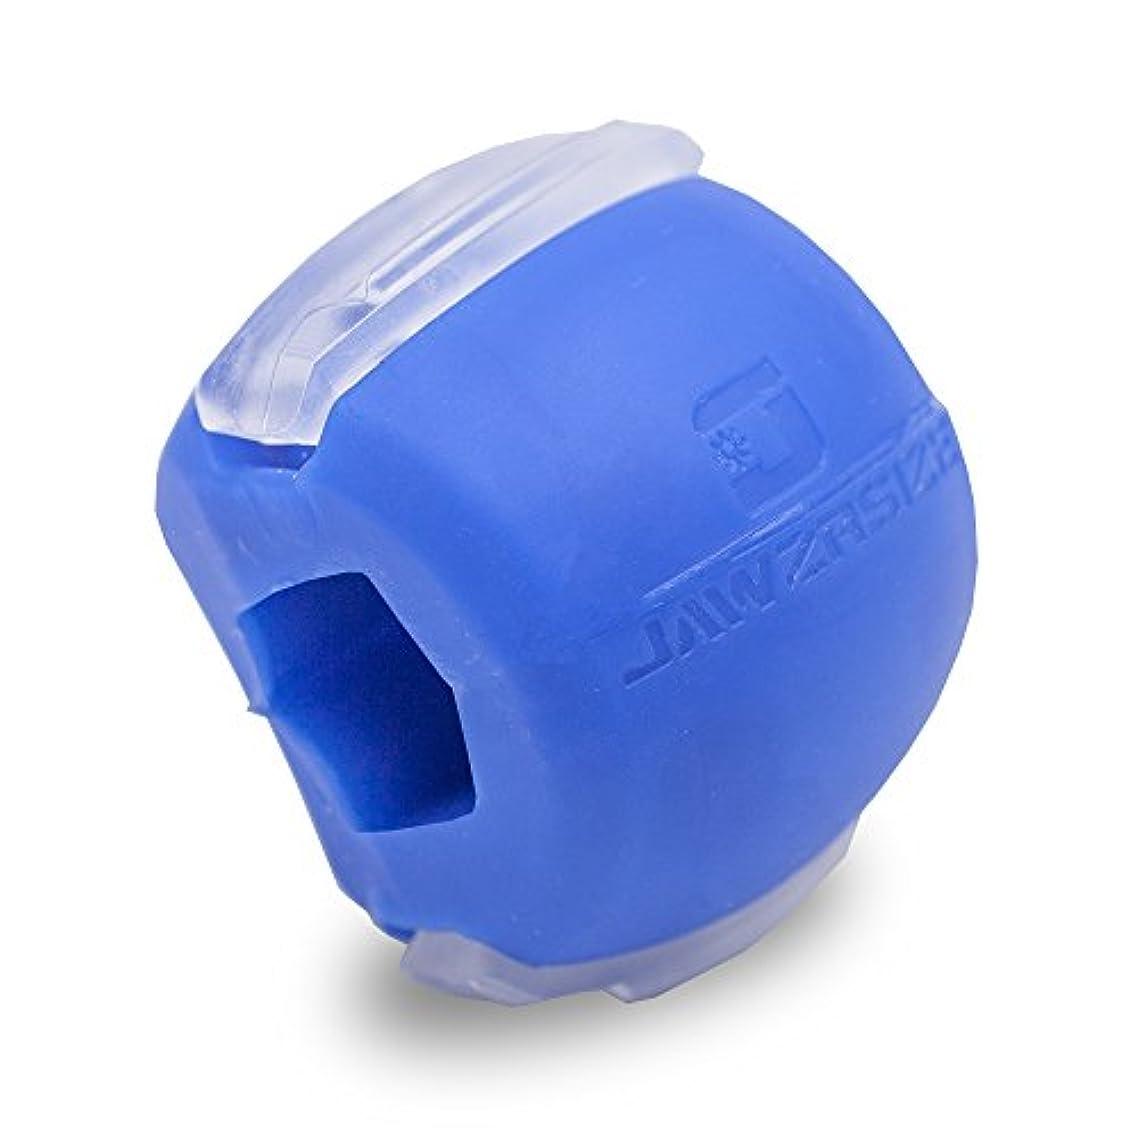 付与ループ敬の念Jawzrsize フェイストナー、ジョーエクササイザ、ネックトーニング装置 (20 Lb. 抵抗) レベル1 - 青